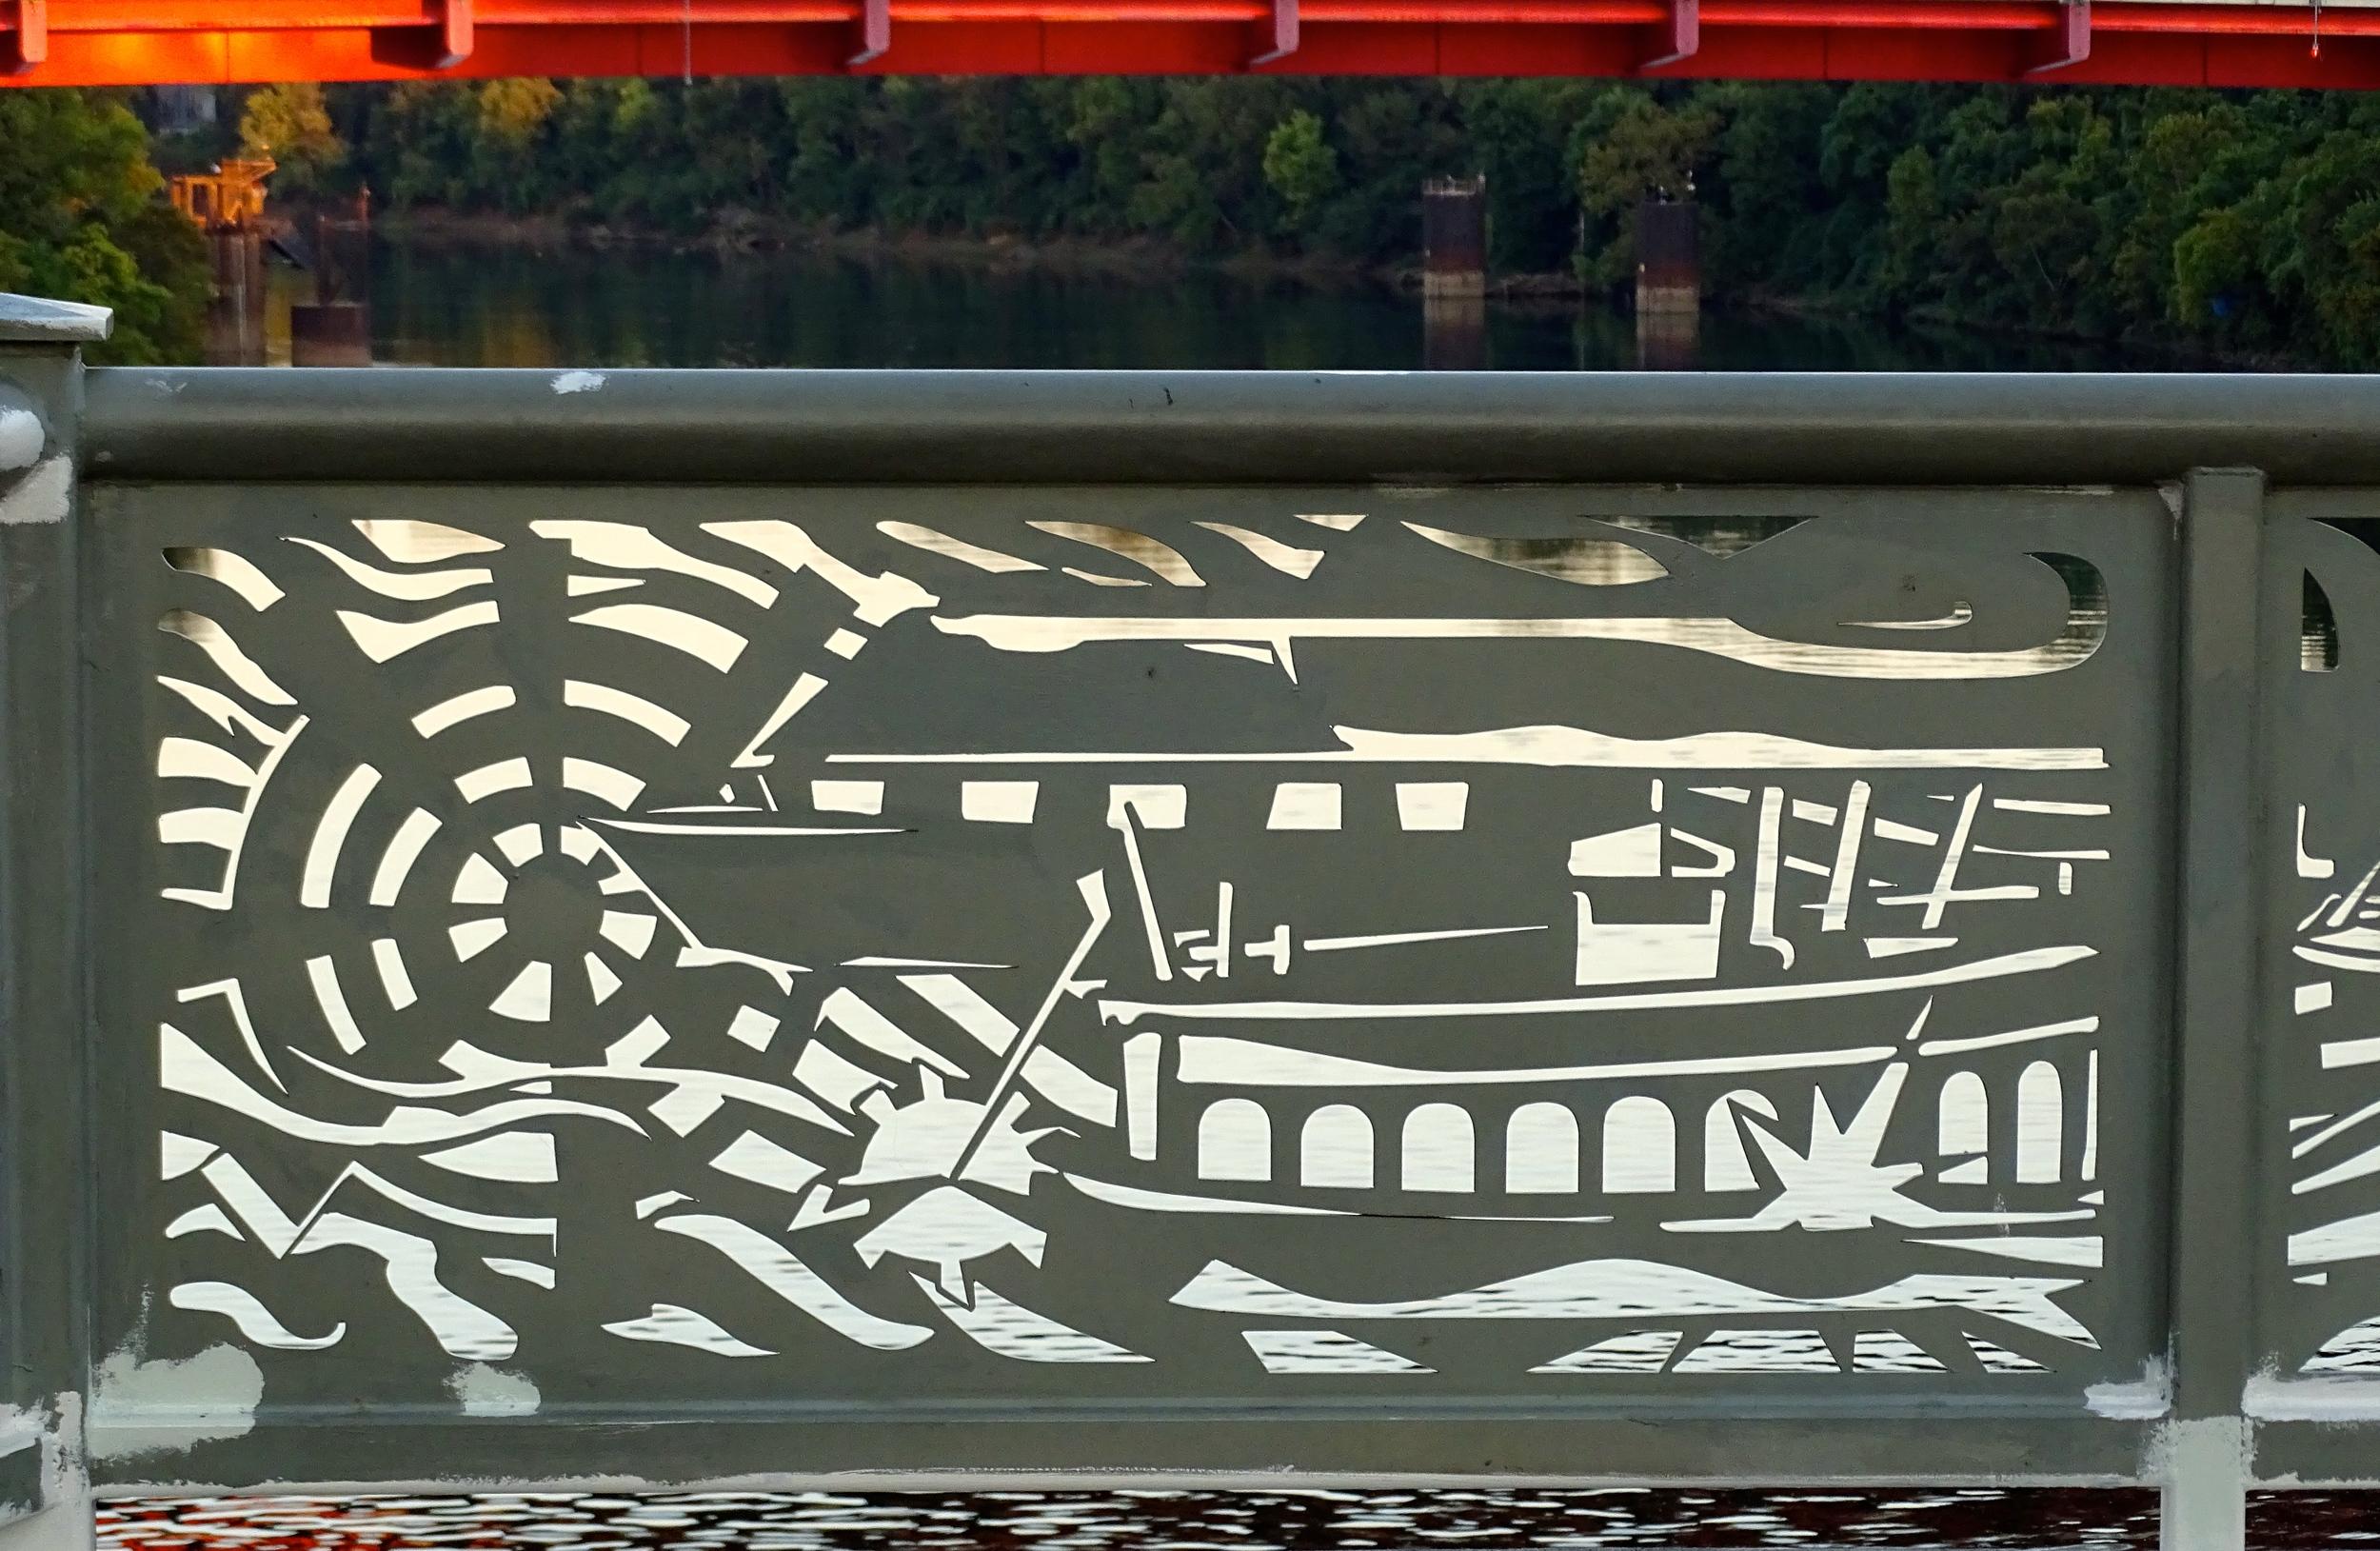 Quality Metalwork on the Bridge